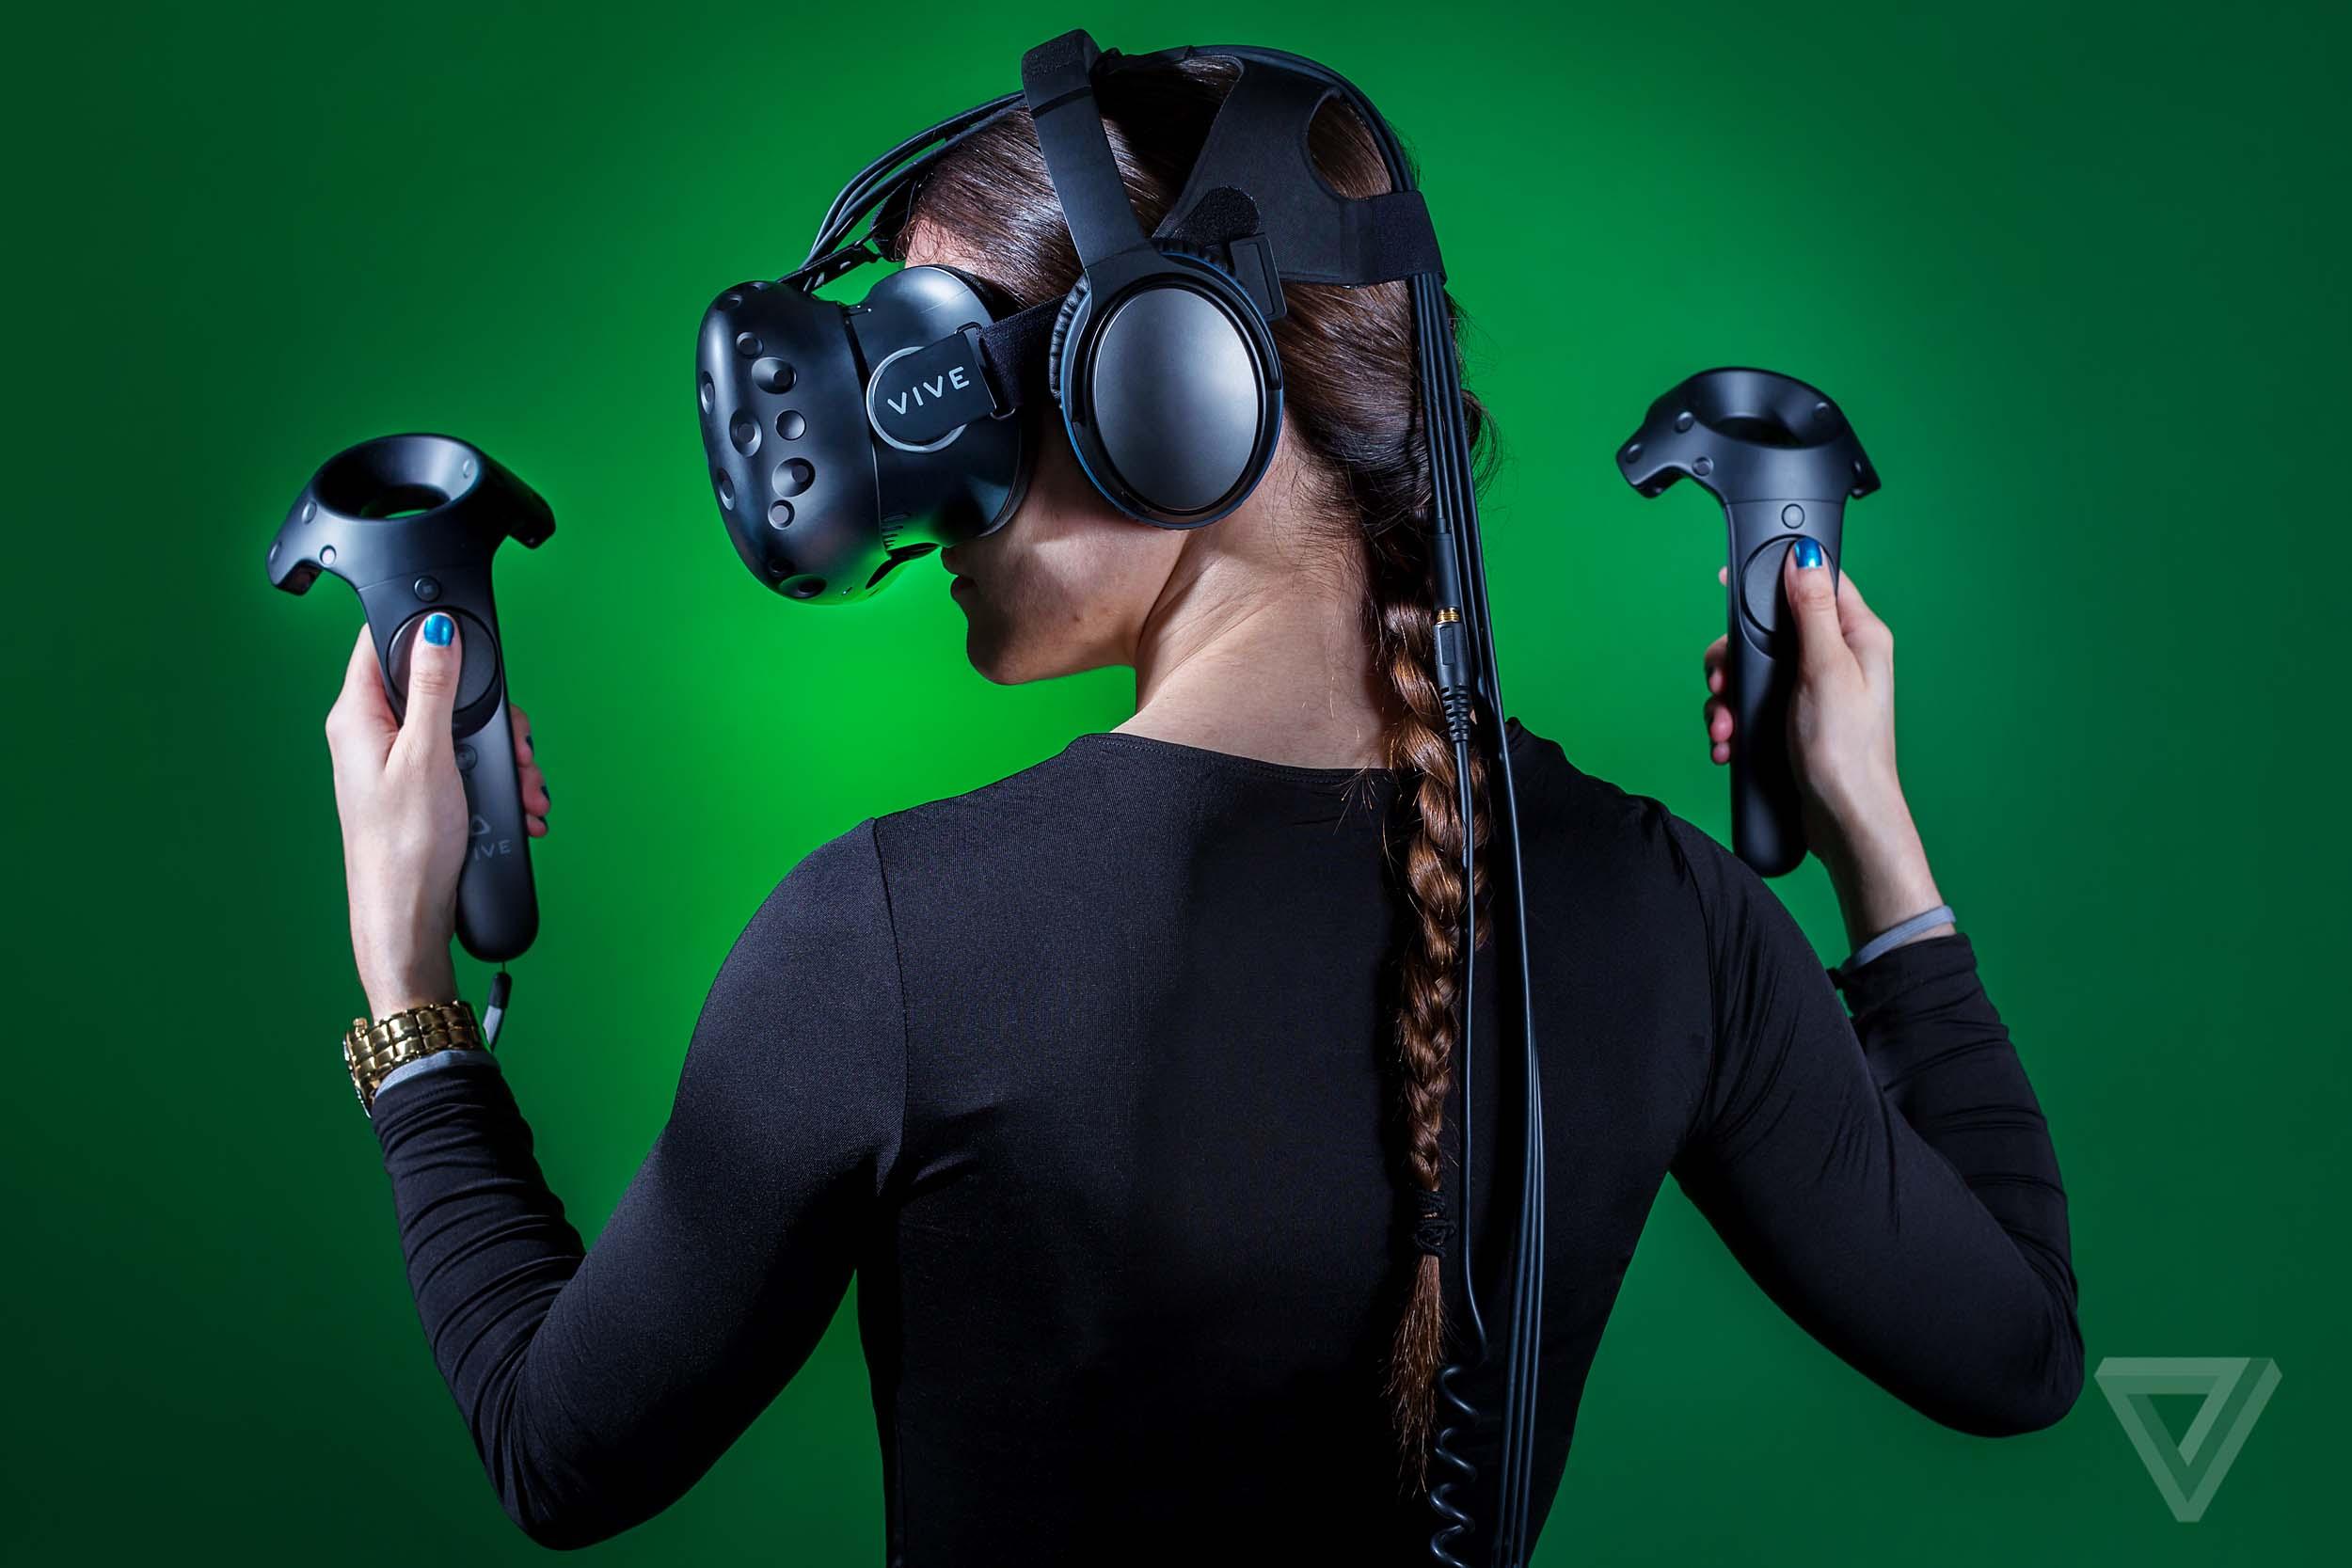 htc vive premier modele casque realite virtuelle